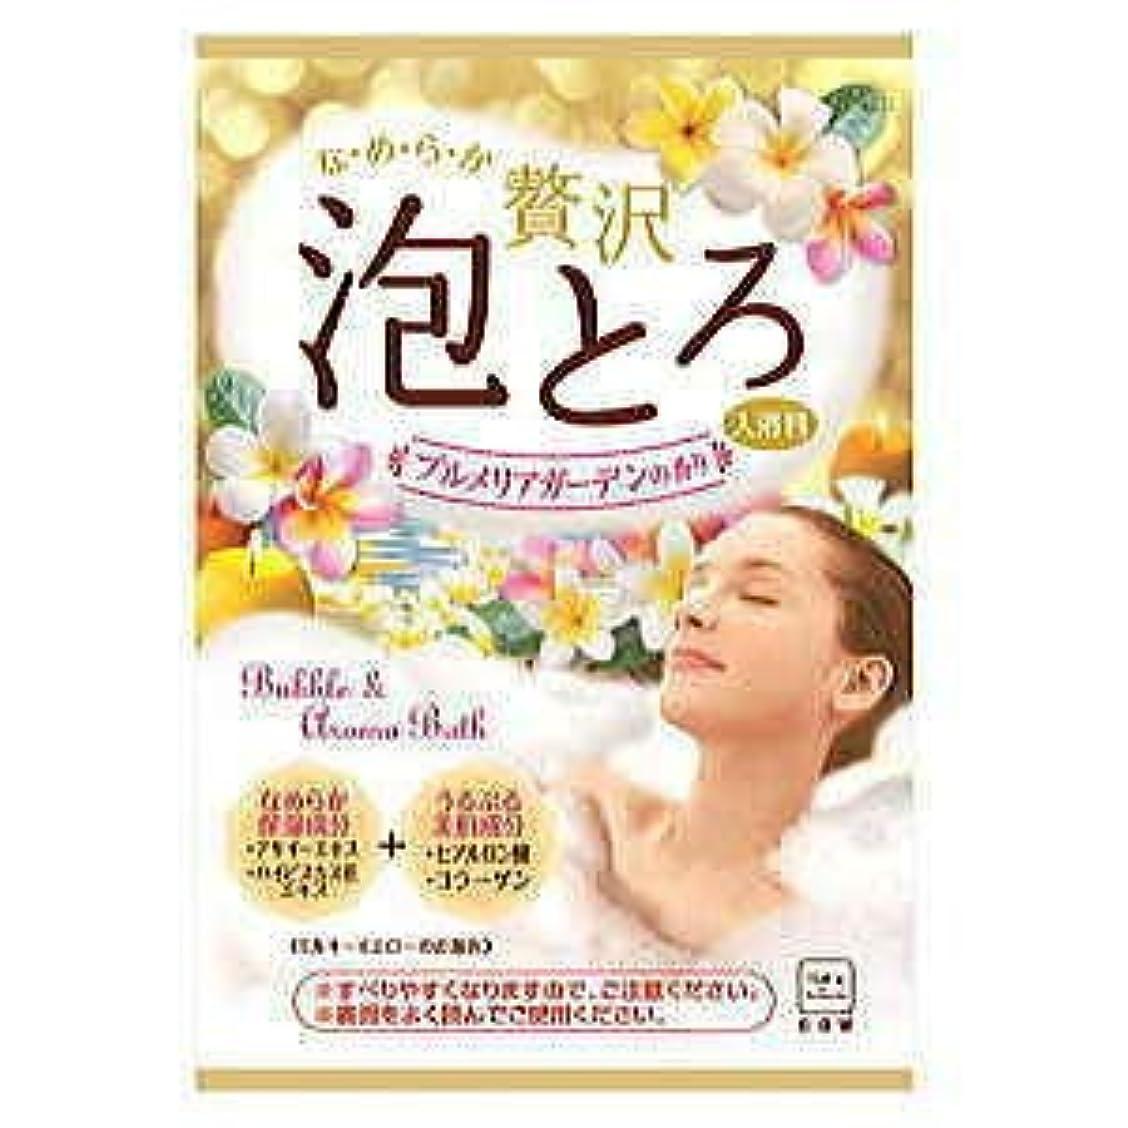 窒素走るクレデンシャル牛乳石鹸 お湯物語 贅沢泡とろ 入浴料 プルメリアガーデン 30g 16個セット